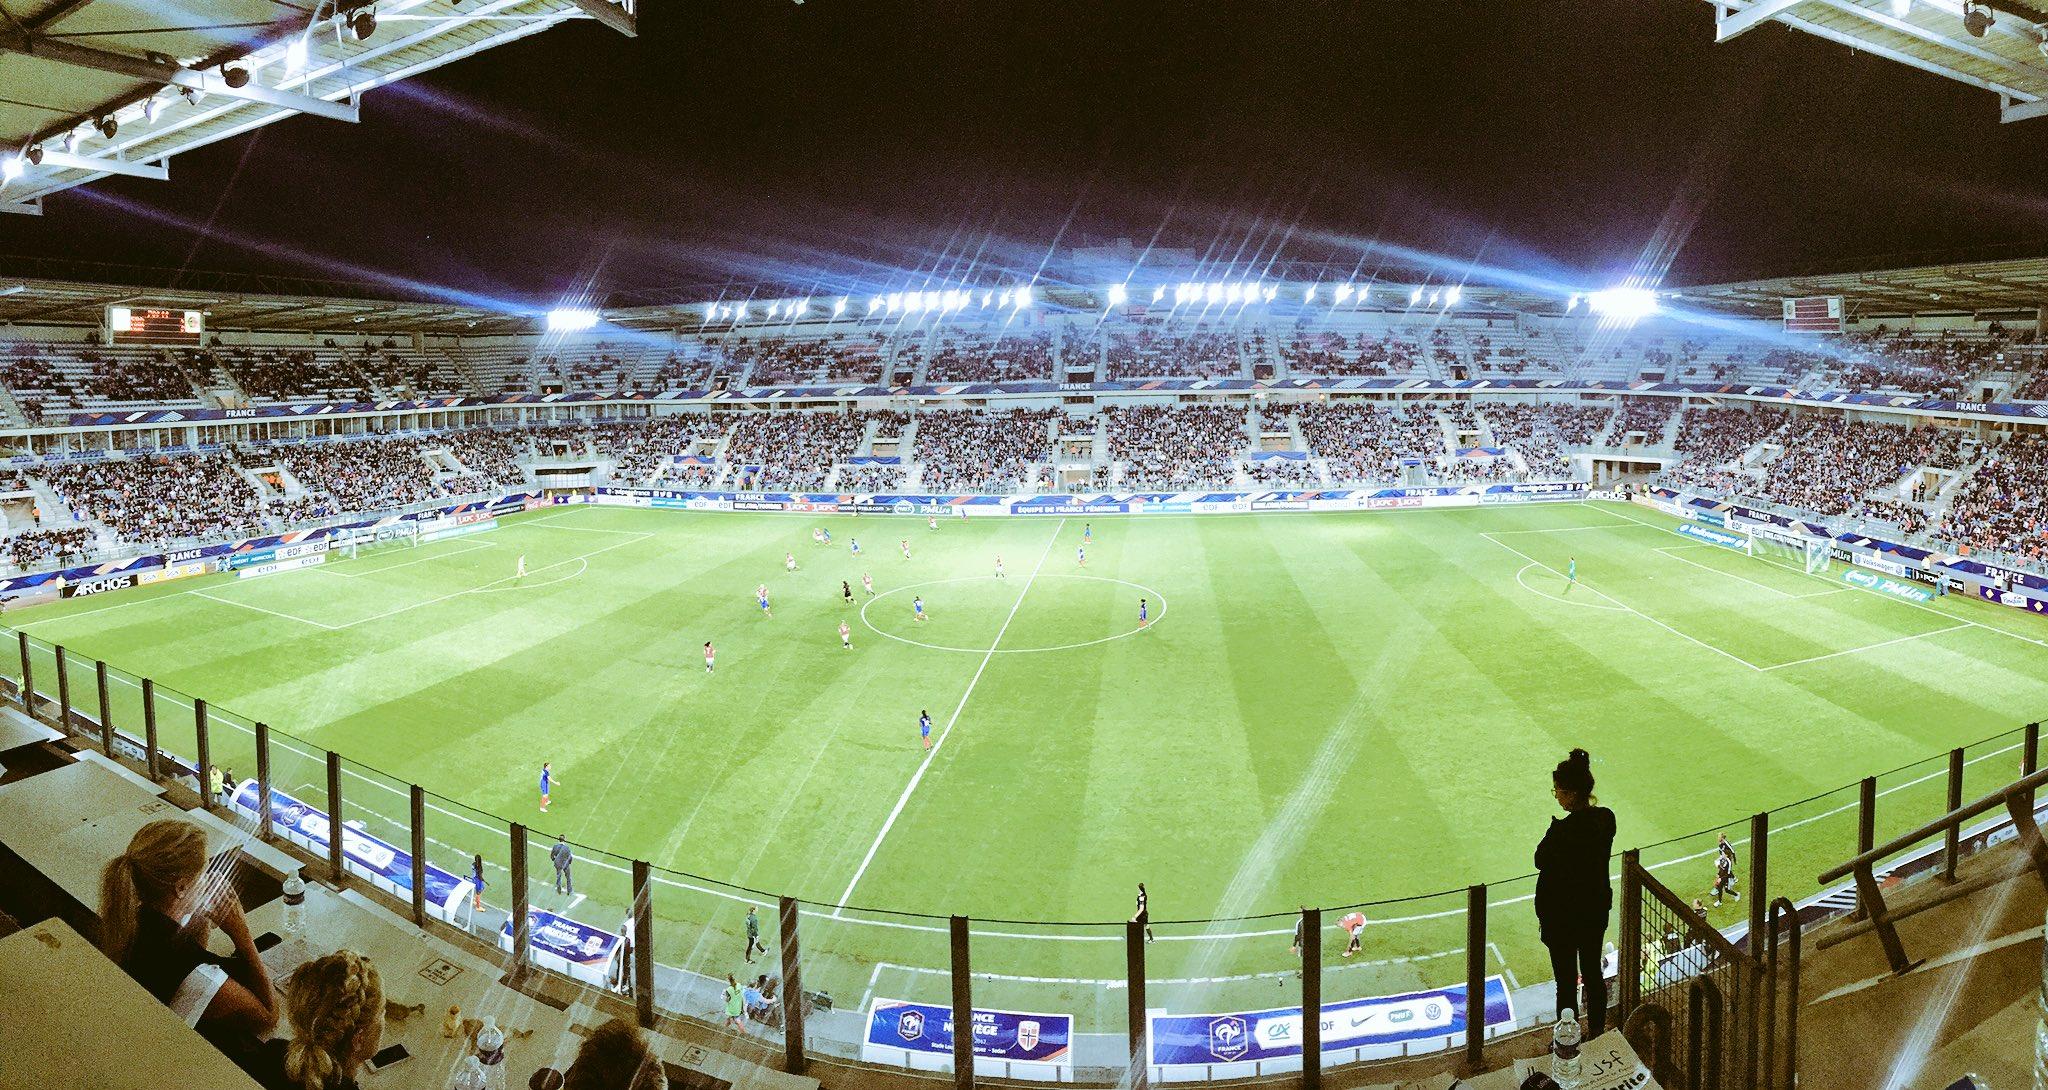 Le Stade Louis Dugauguez recevait pour la première fois les Bleues (photo FFF)